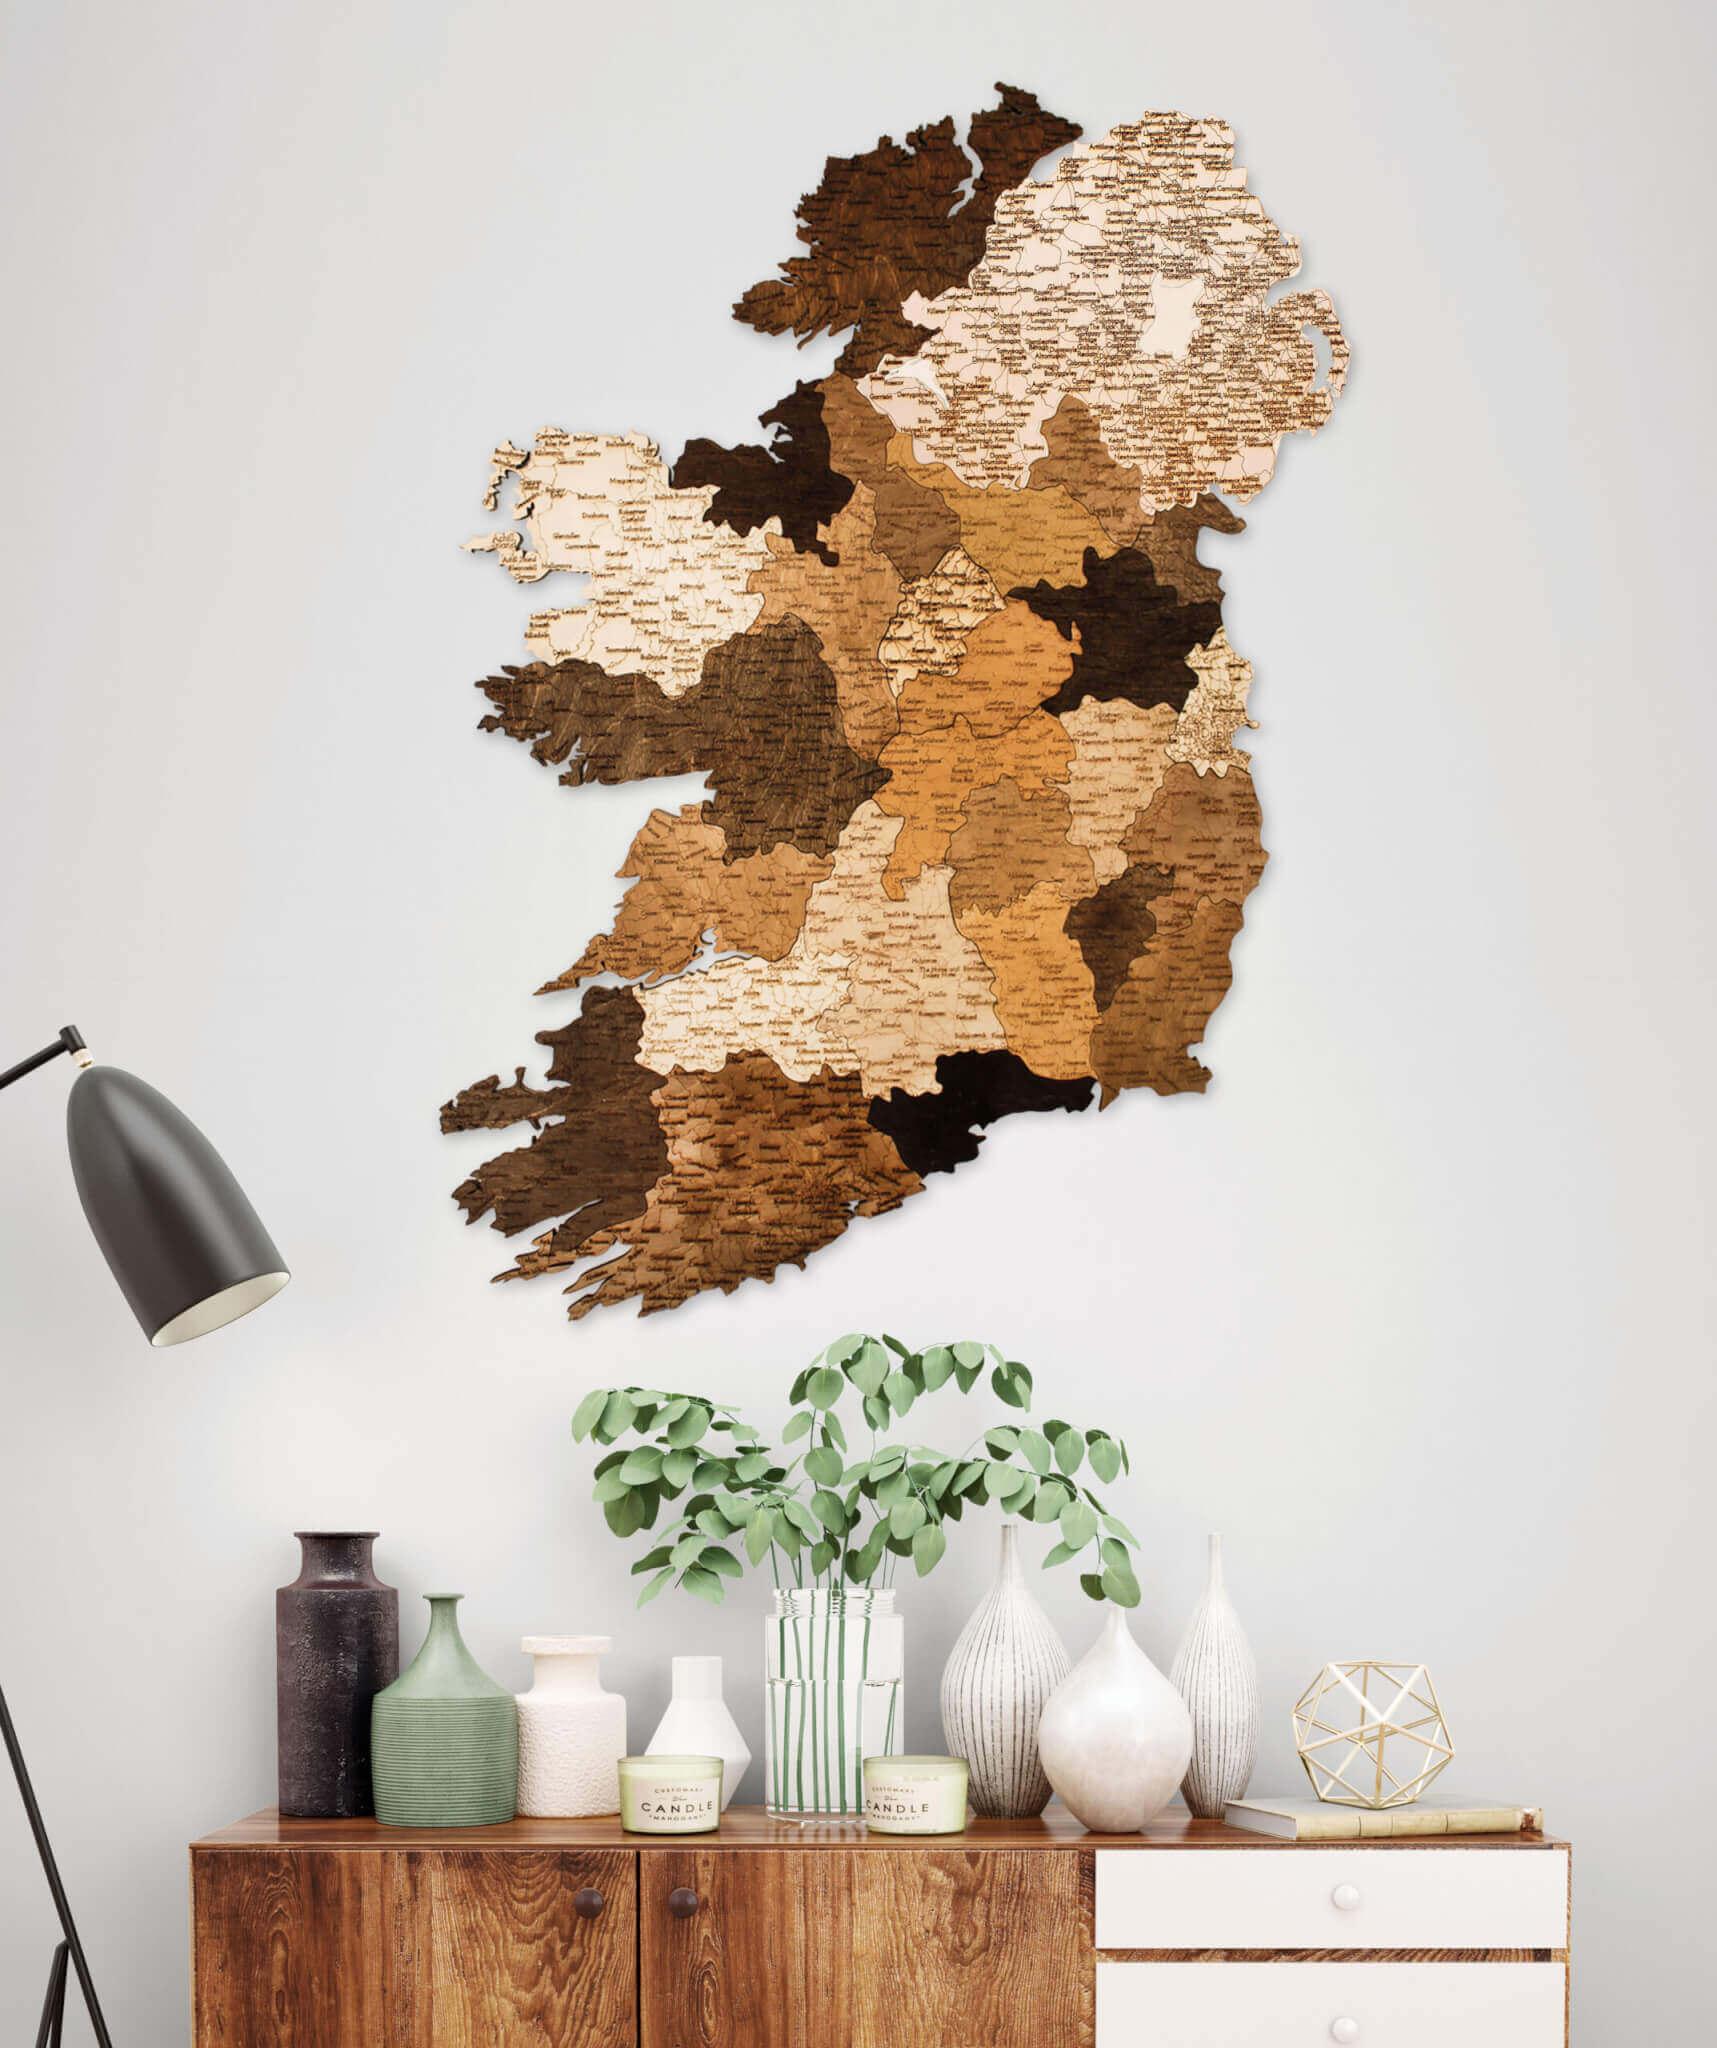 Holzkarte von Irland - Wanddekoration